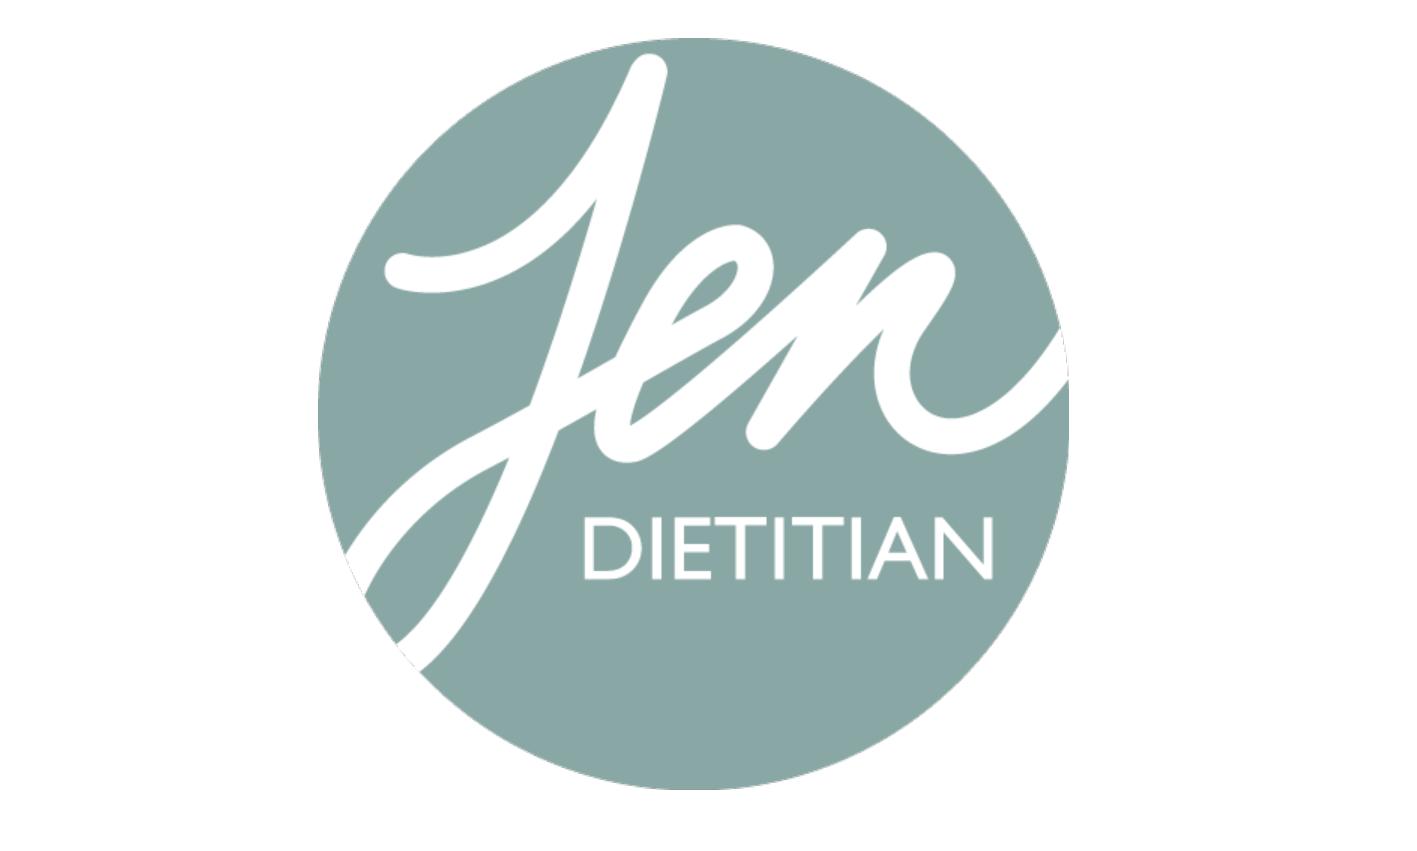 Jen Dietitian